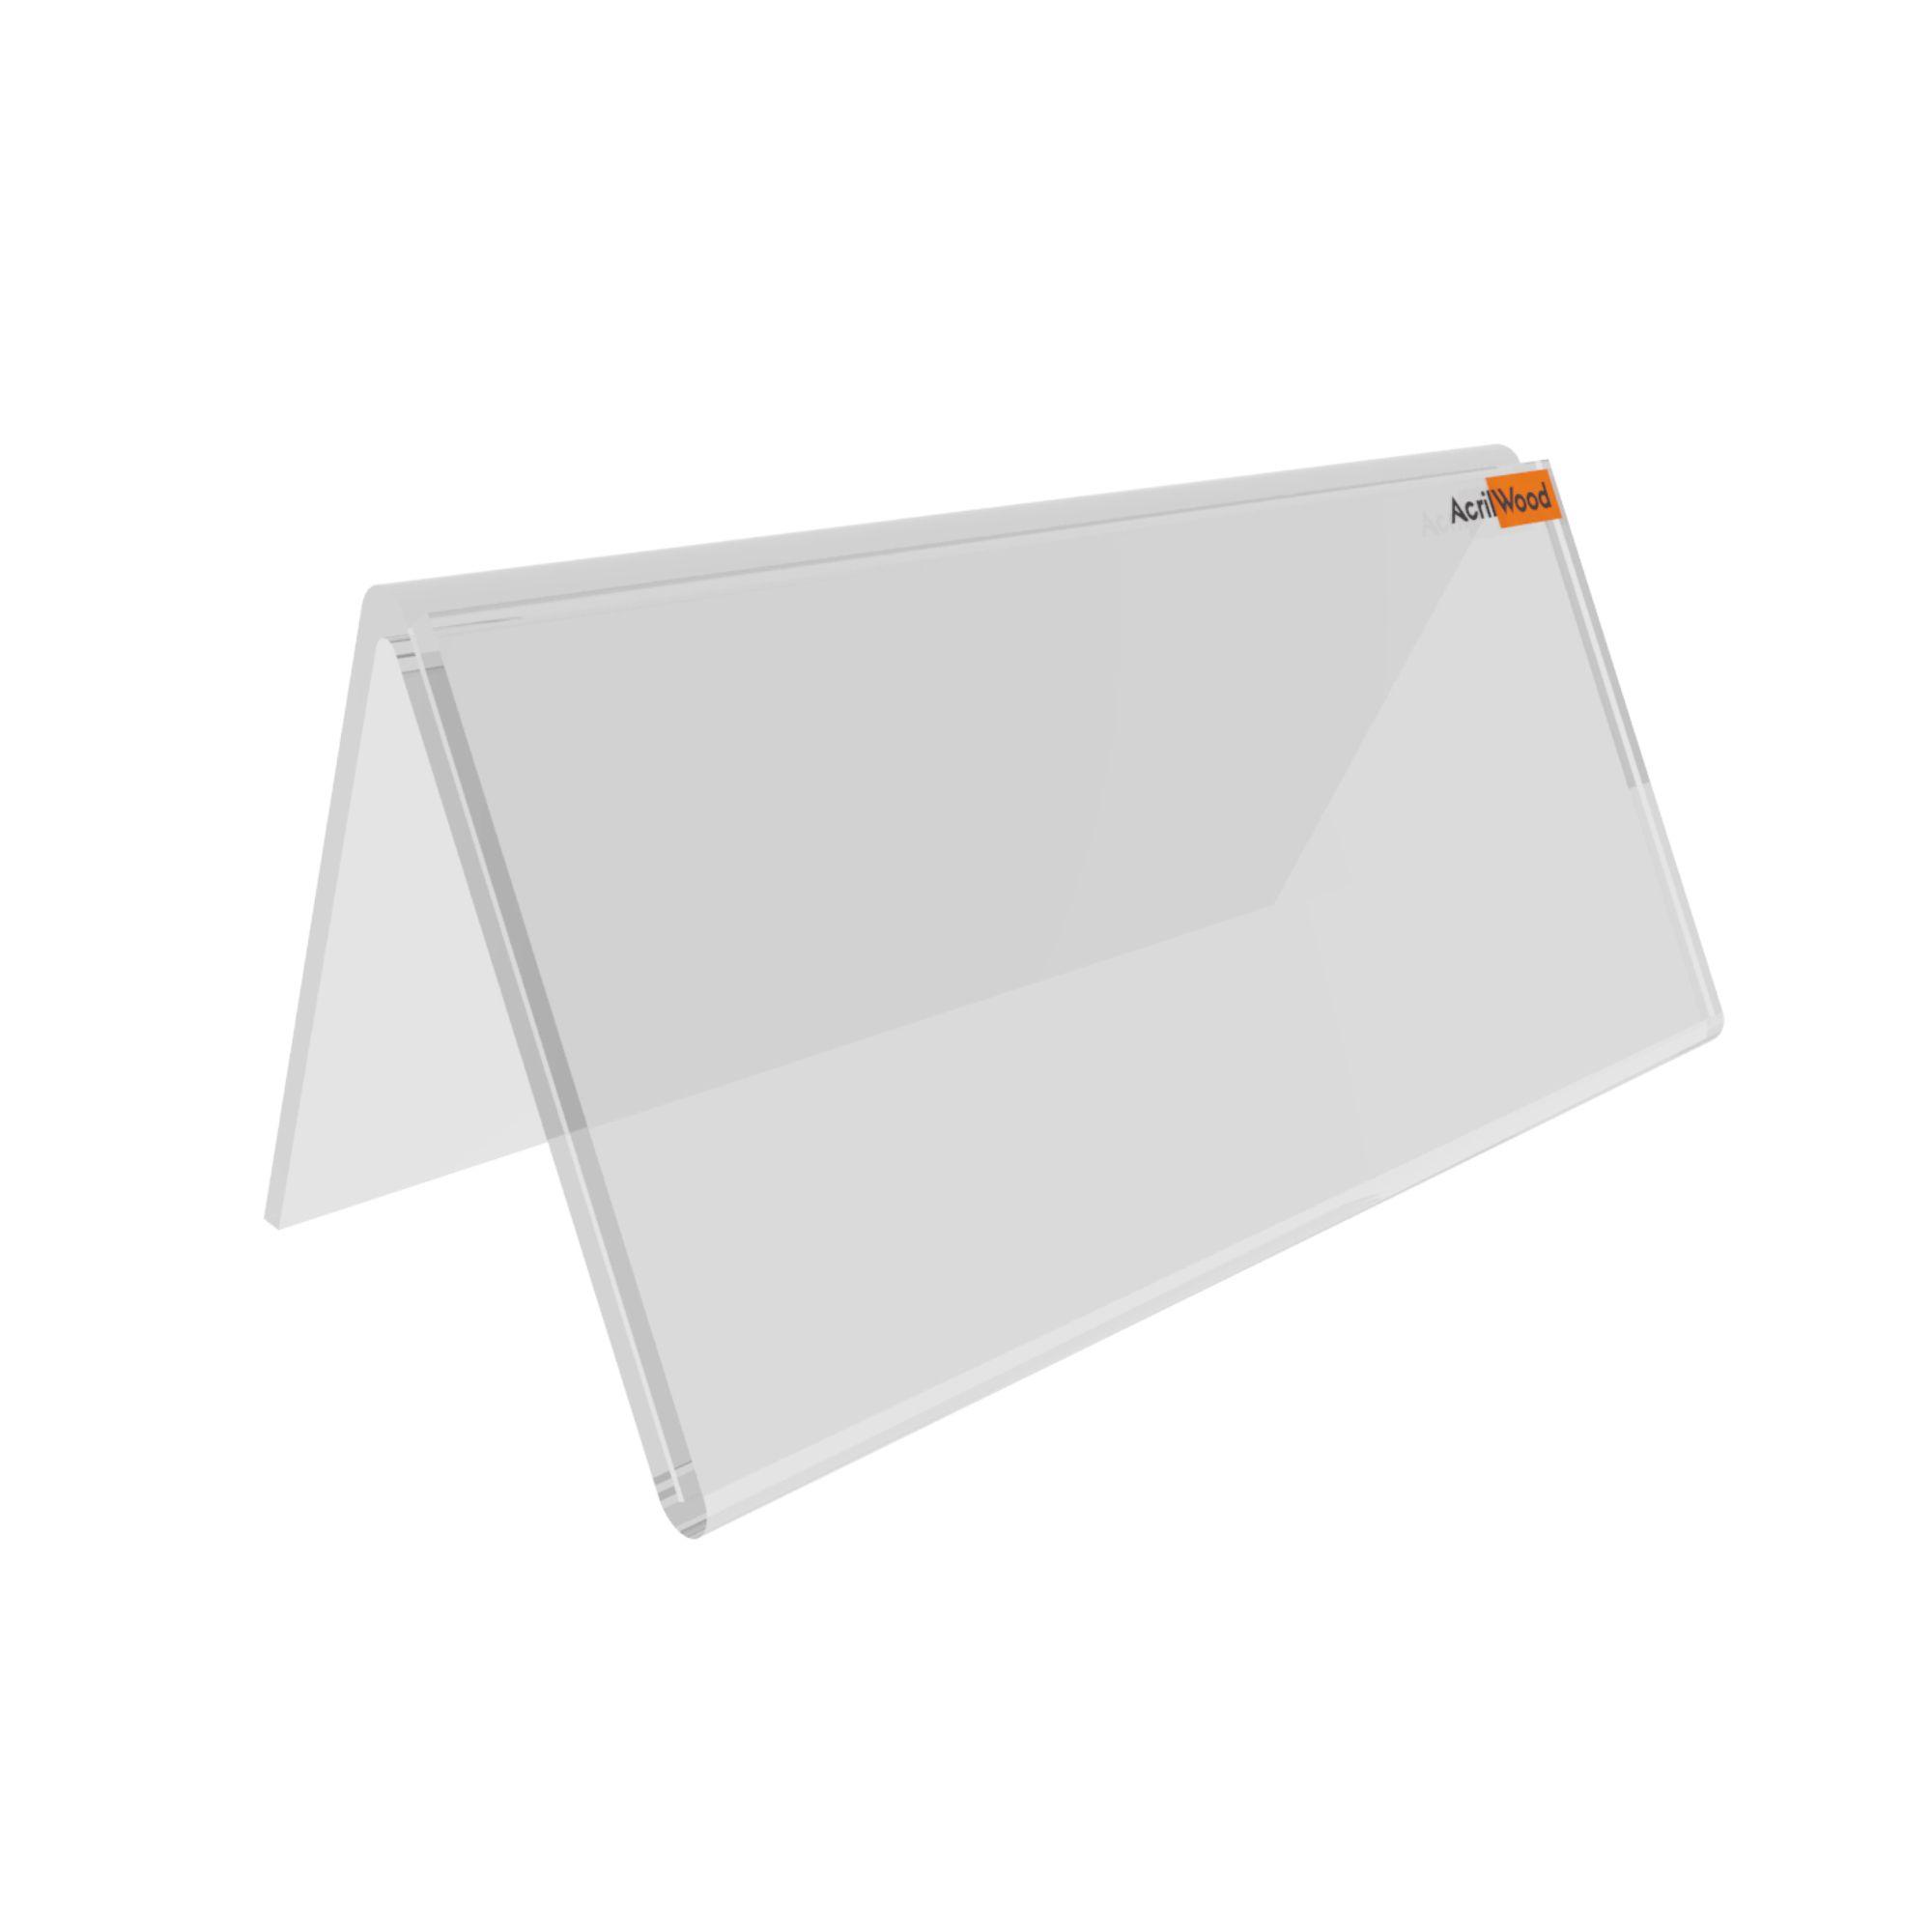 Display De Mesa Ou Balcão Em V Dupla Face - 10x5cm